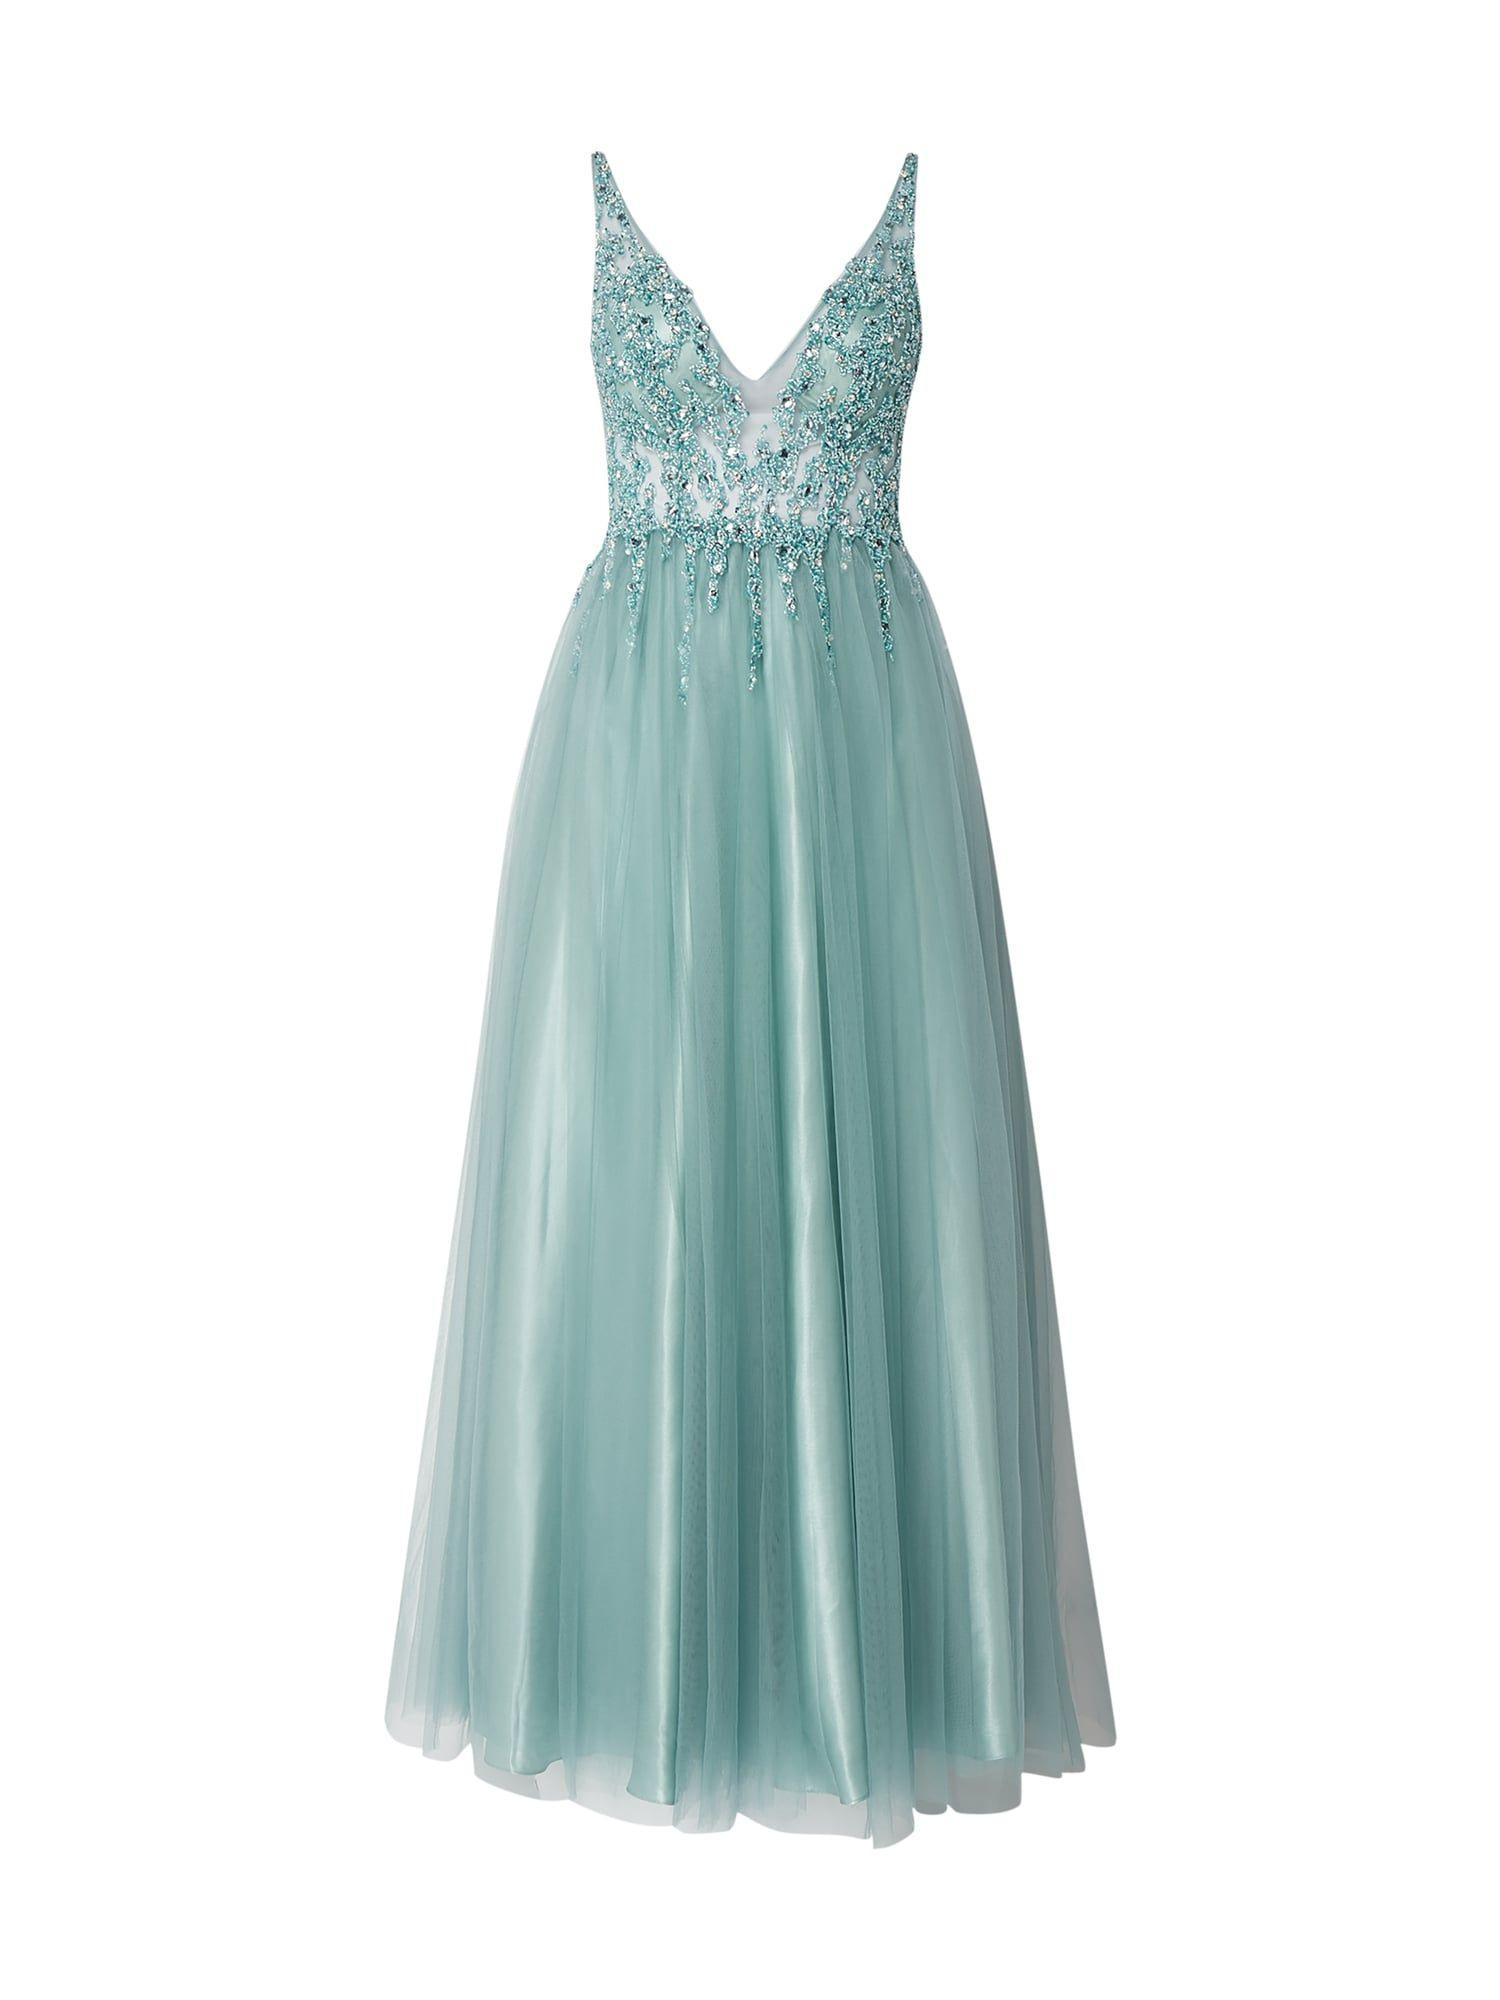 Designer Ausgezeichnet Abendkleider P&C SpezialgebietAbend Wunderbar Abendkleider P&C Boutique